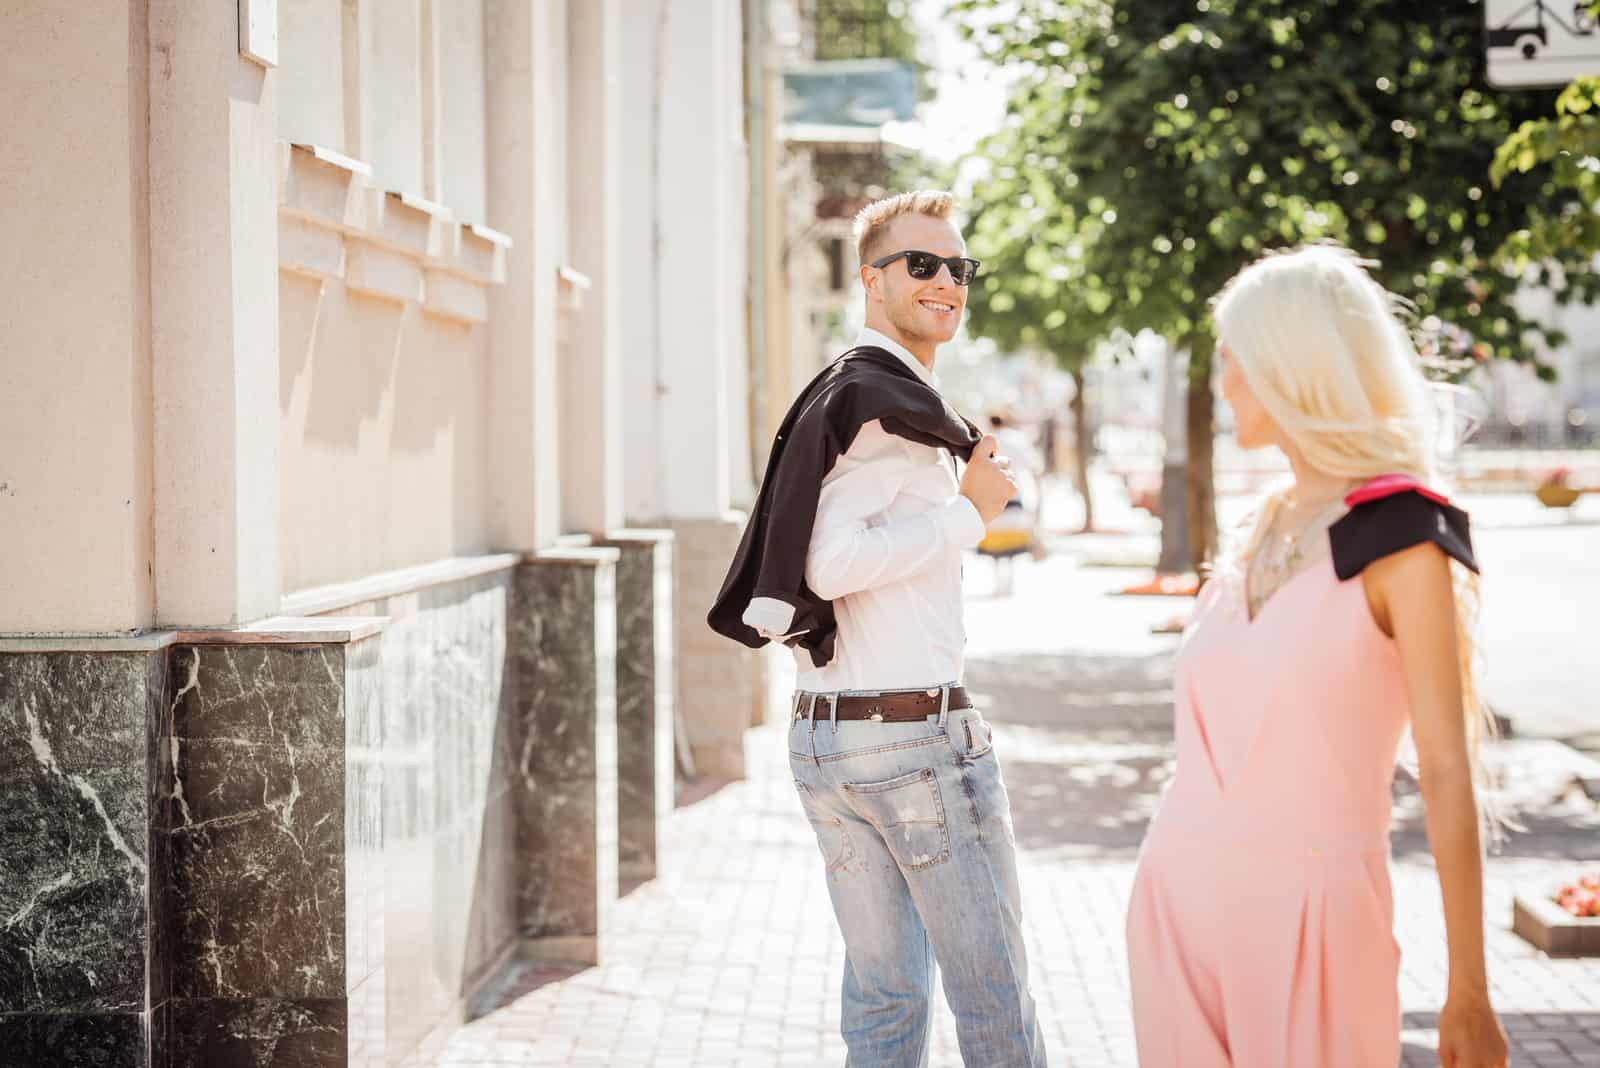 Das Paar flirtet auf dem Bürgersteig